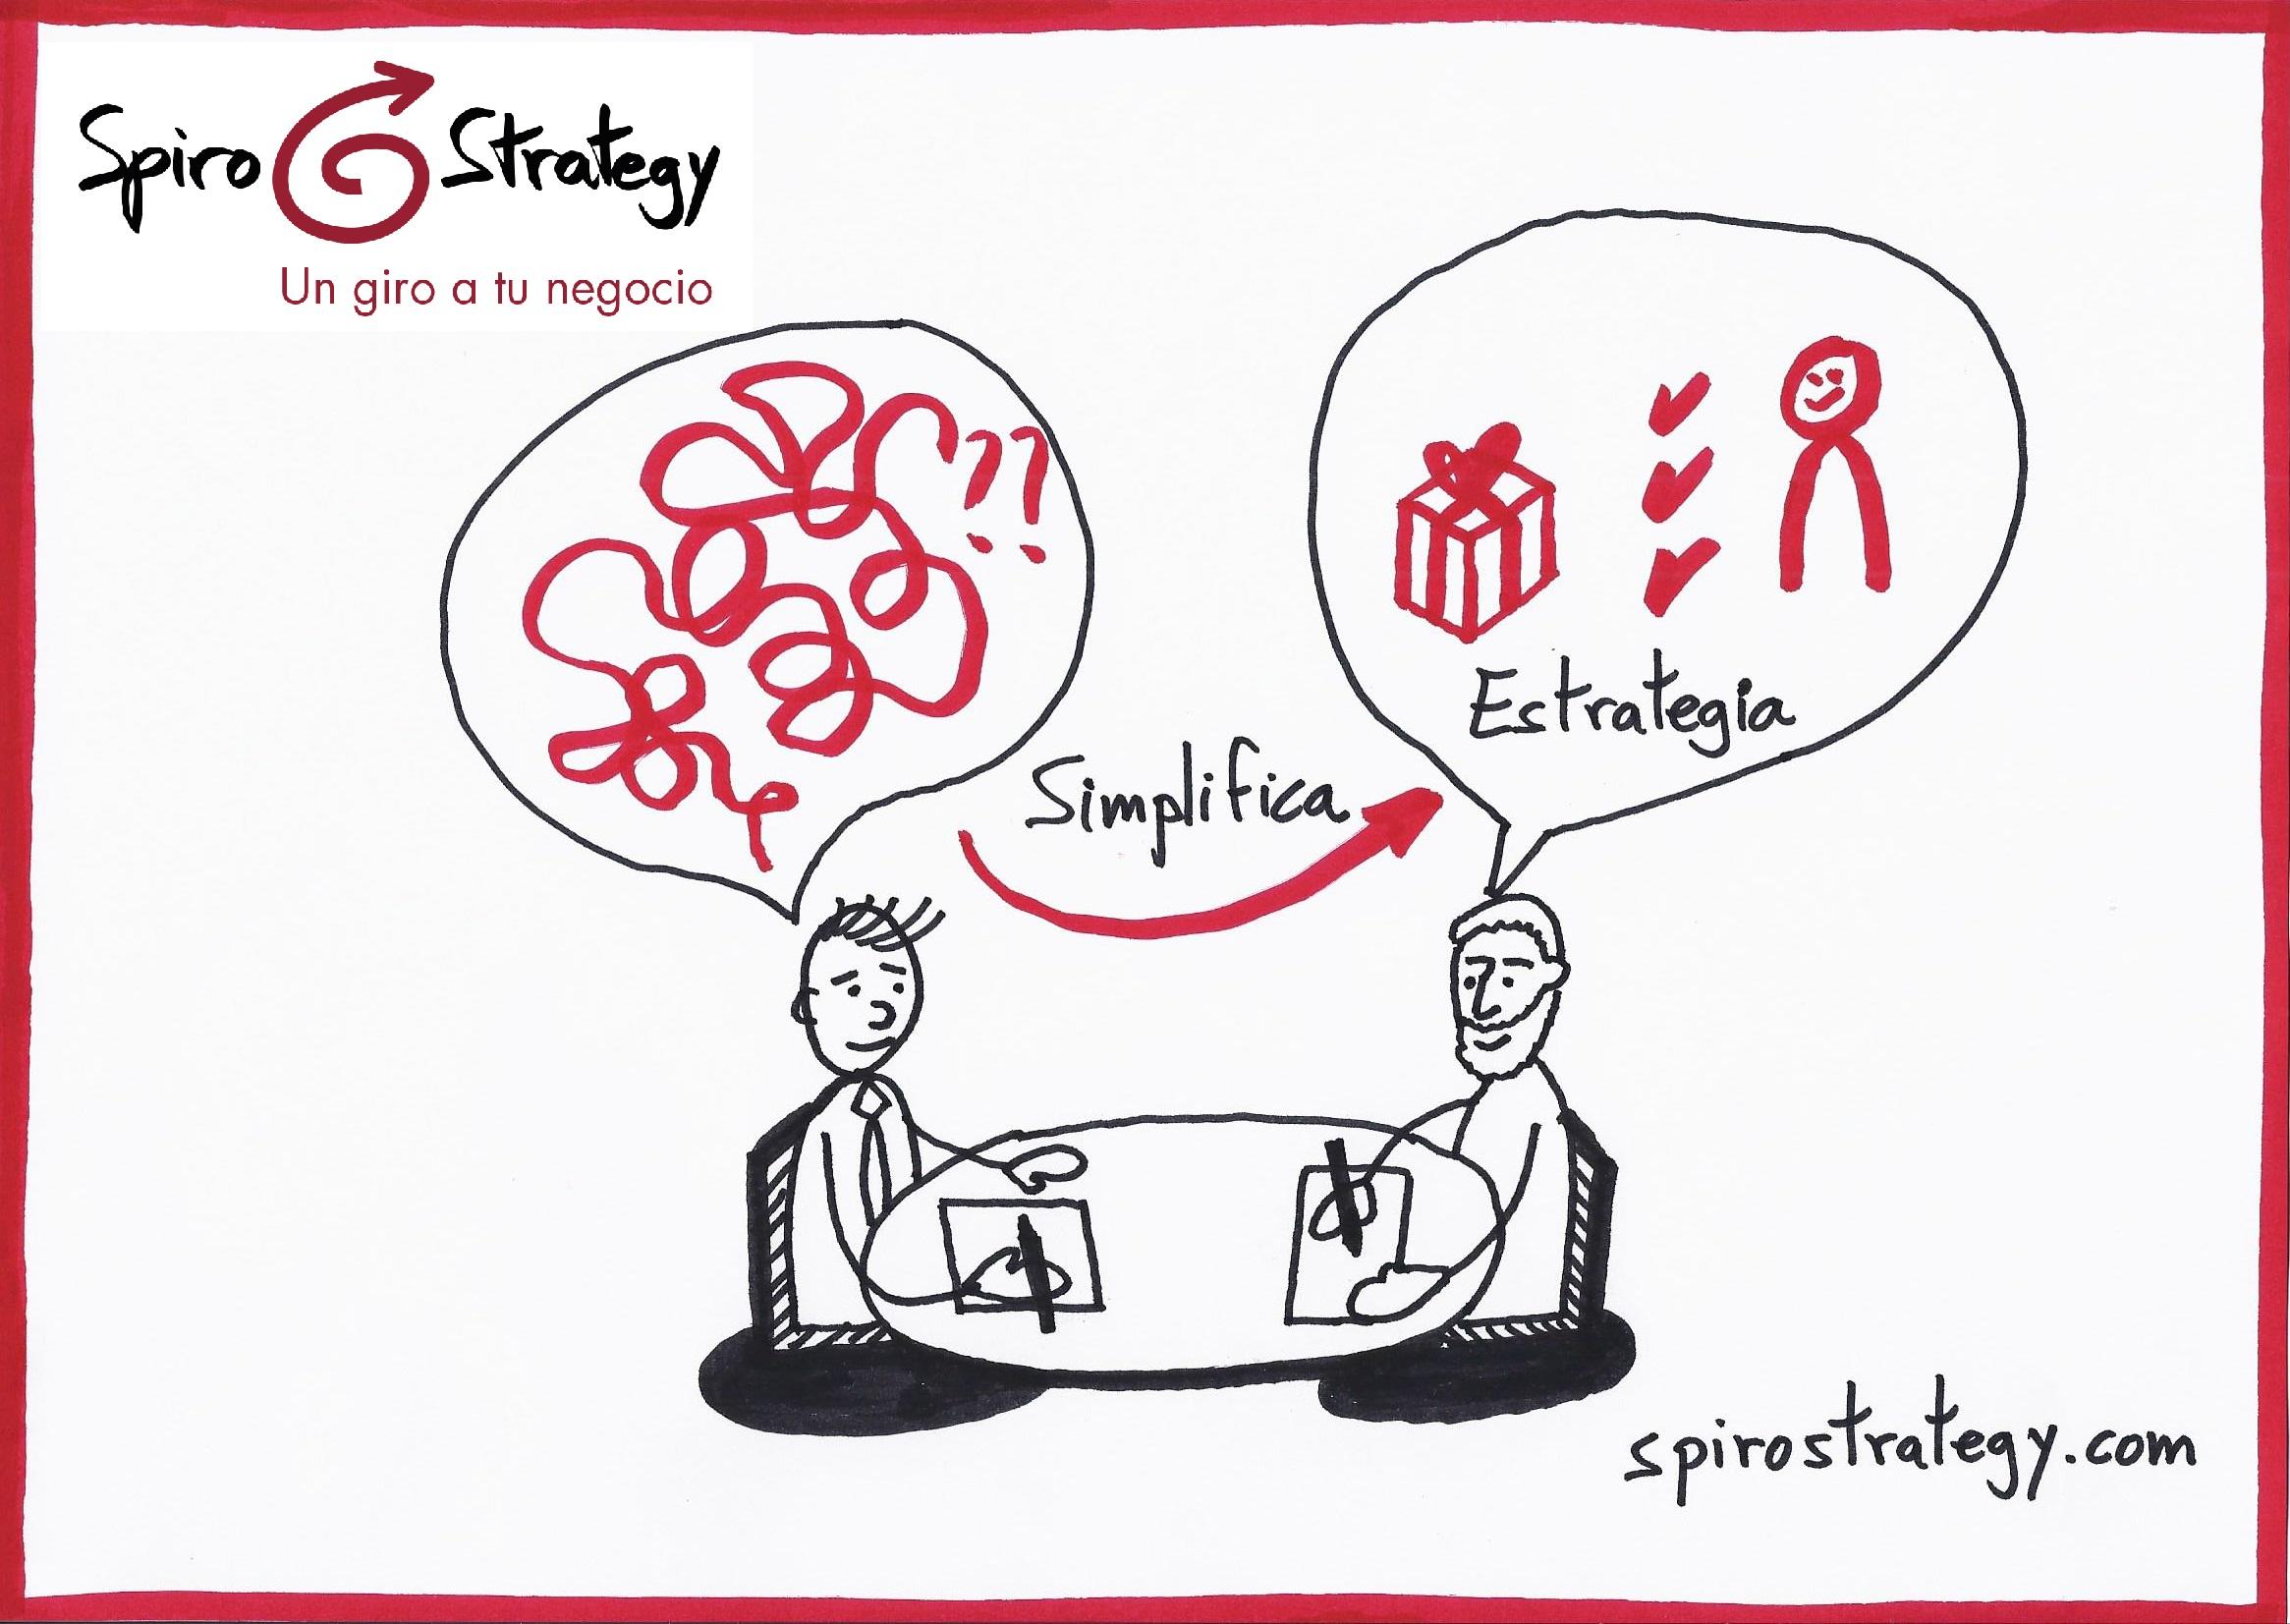 Simplifica tu estrategia-la sencillez es compleja-Steve Jobs